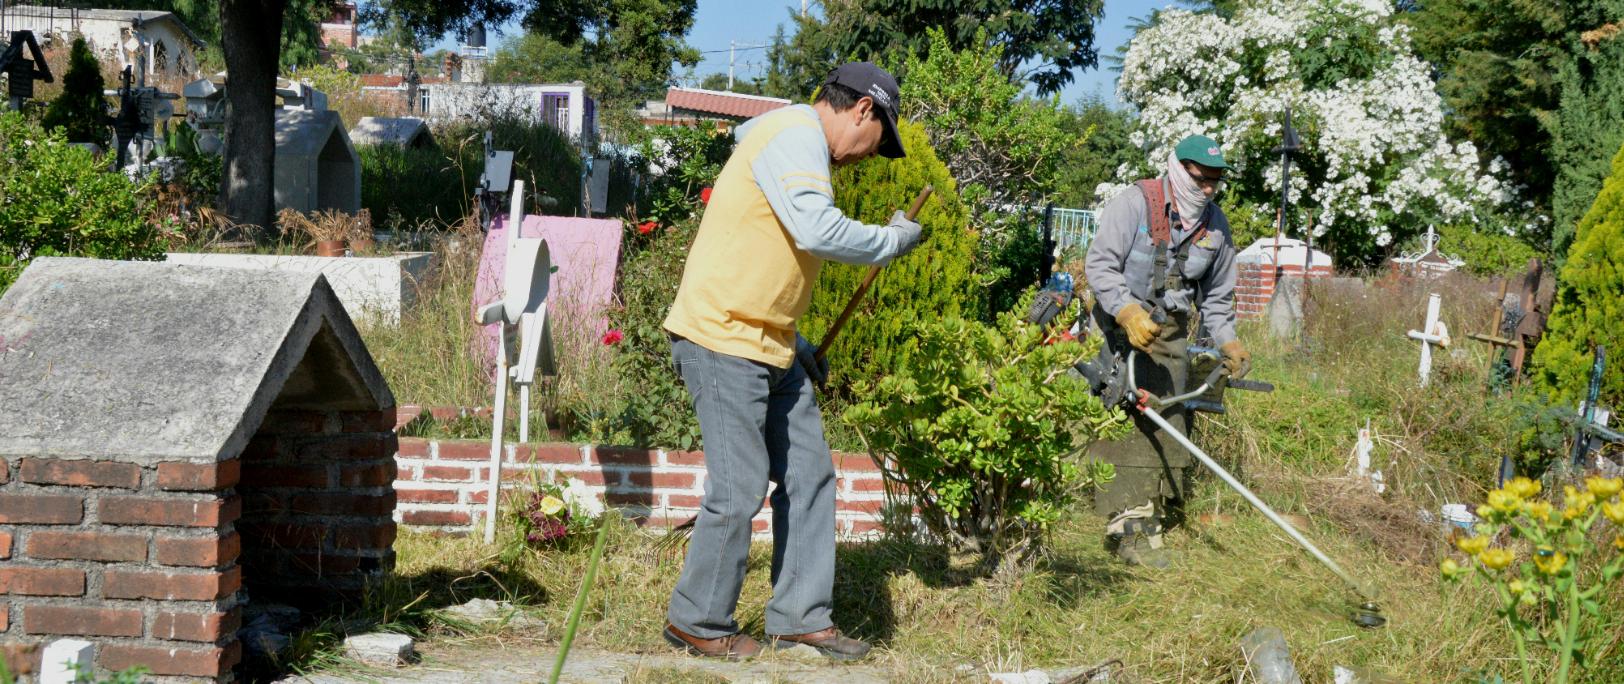 Panteones de Cuautitlán Izcalli están quedando limpios ante las próximas visitas que buscarán sus seres queridos